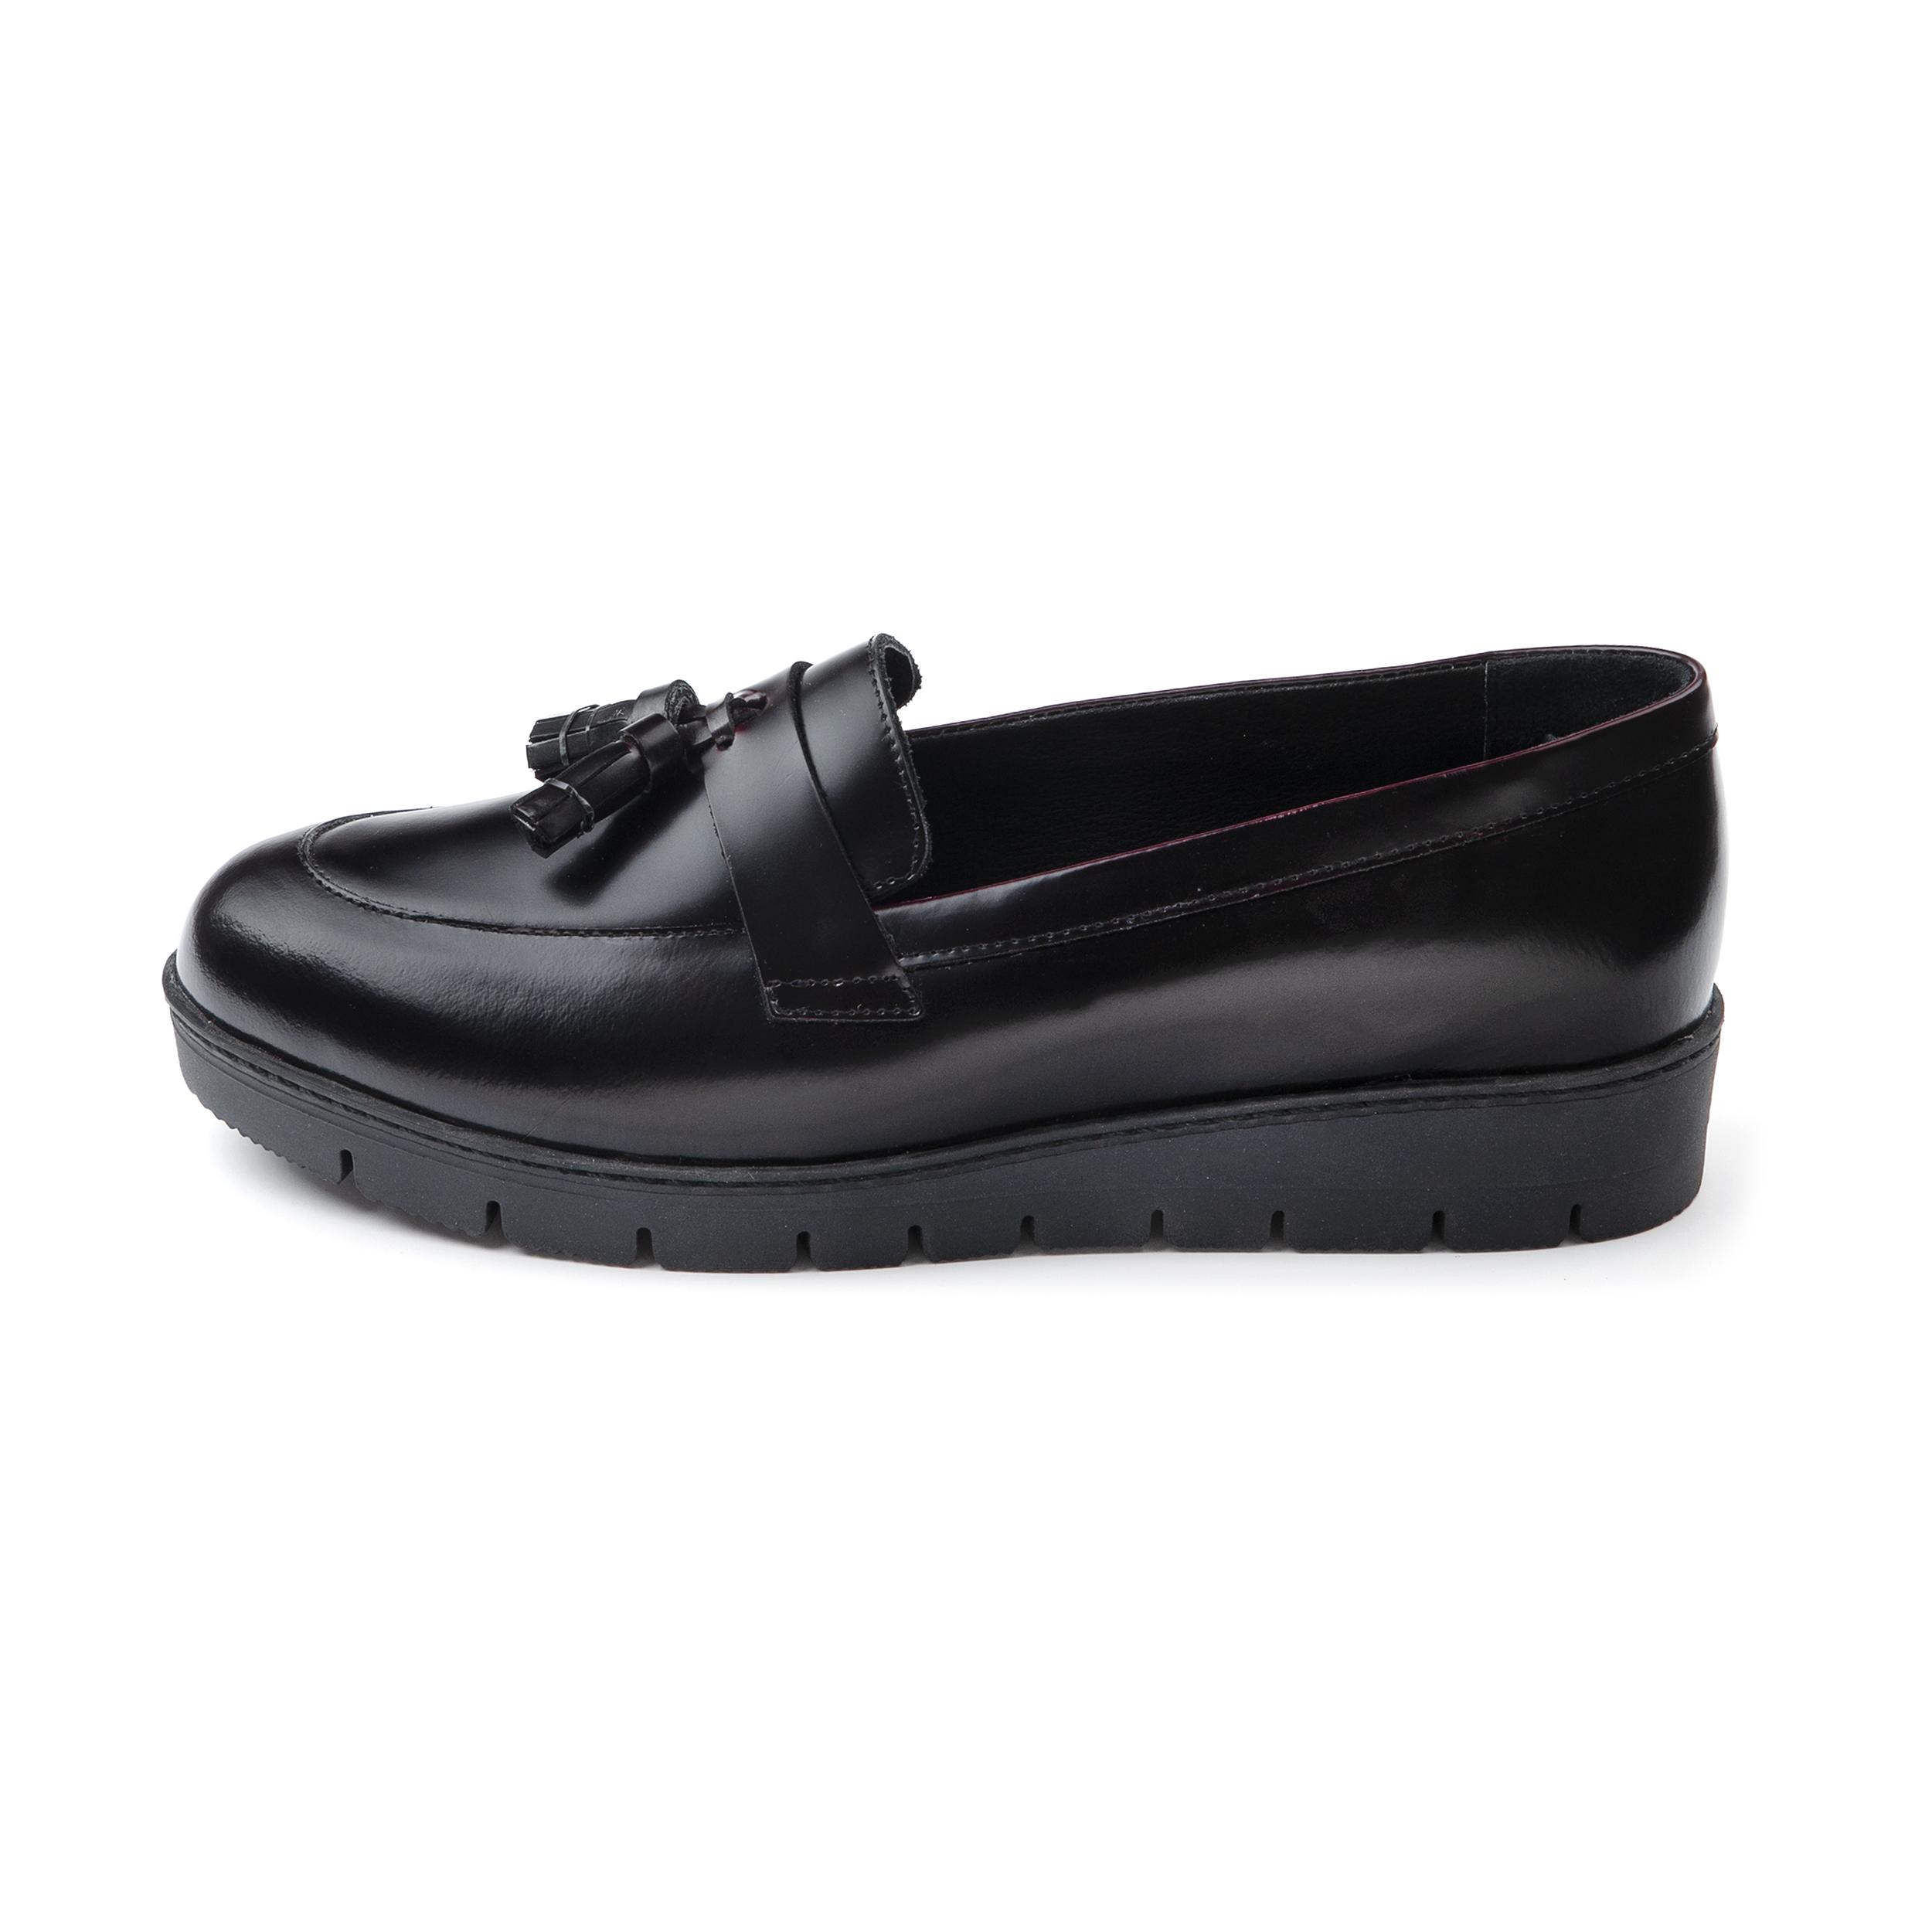 کفش روزمره زنانه دنیلی مدل Atrisa-214110531612